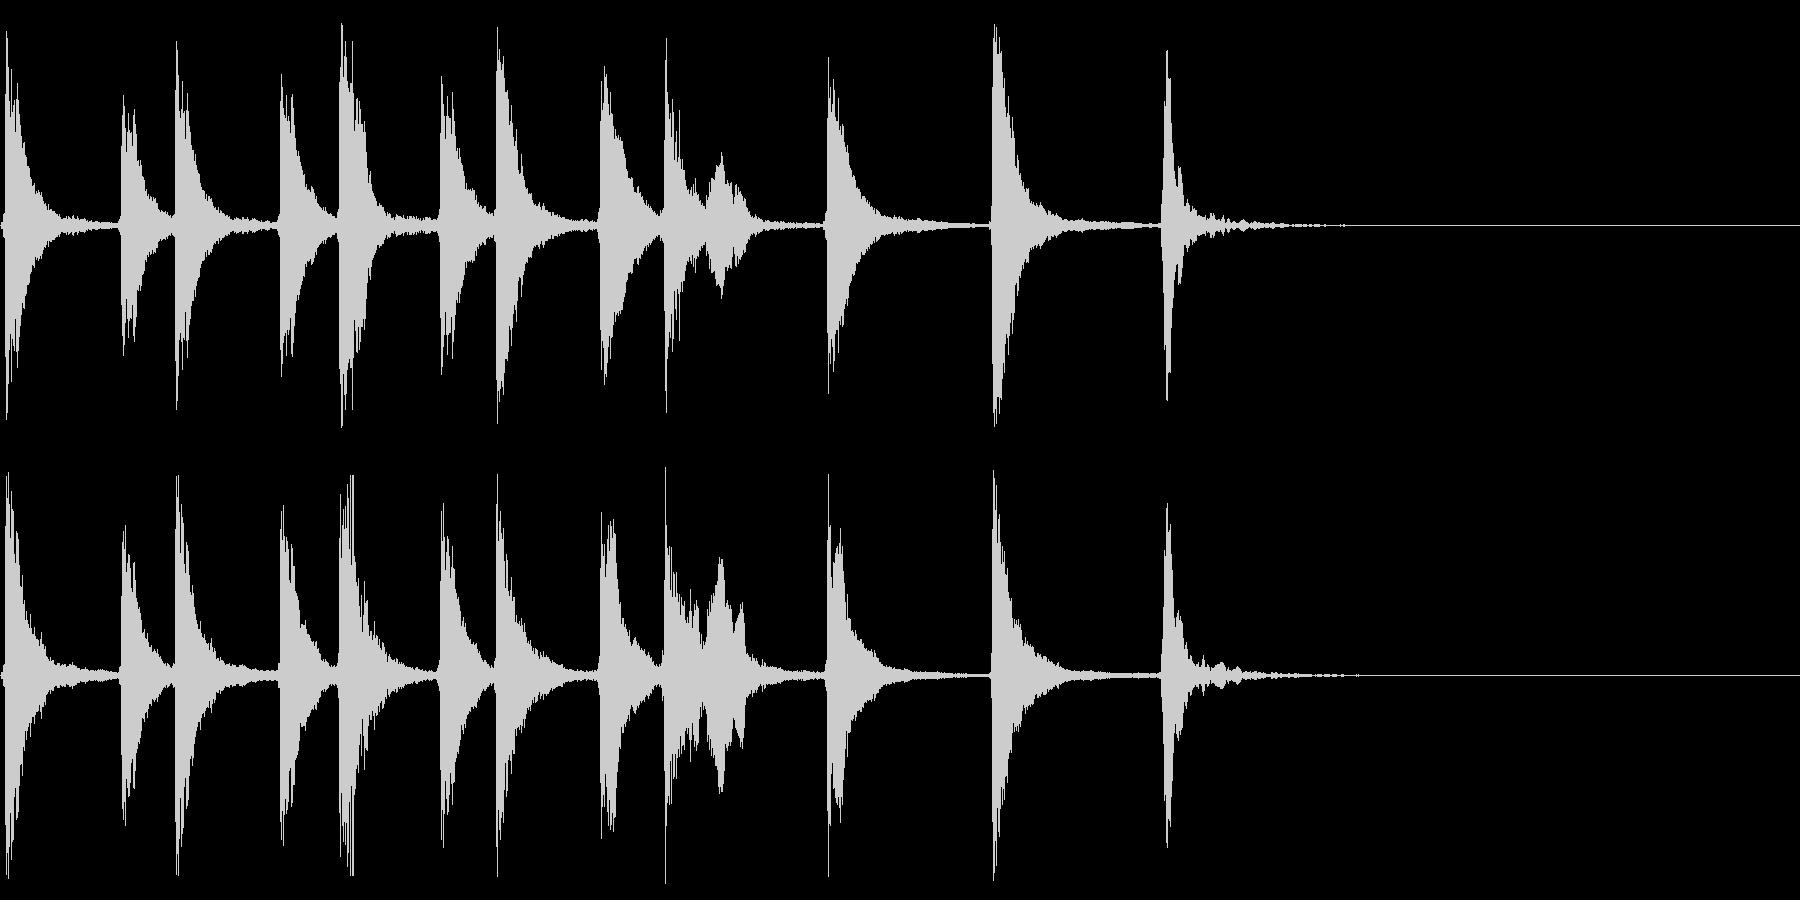 三味線などを使ったマヌケで愉快なジングルの未再生の波形